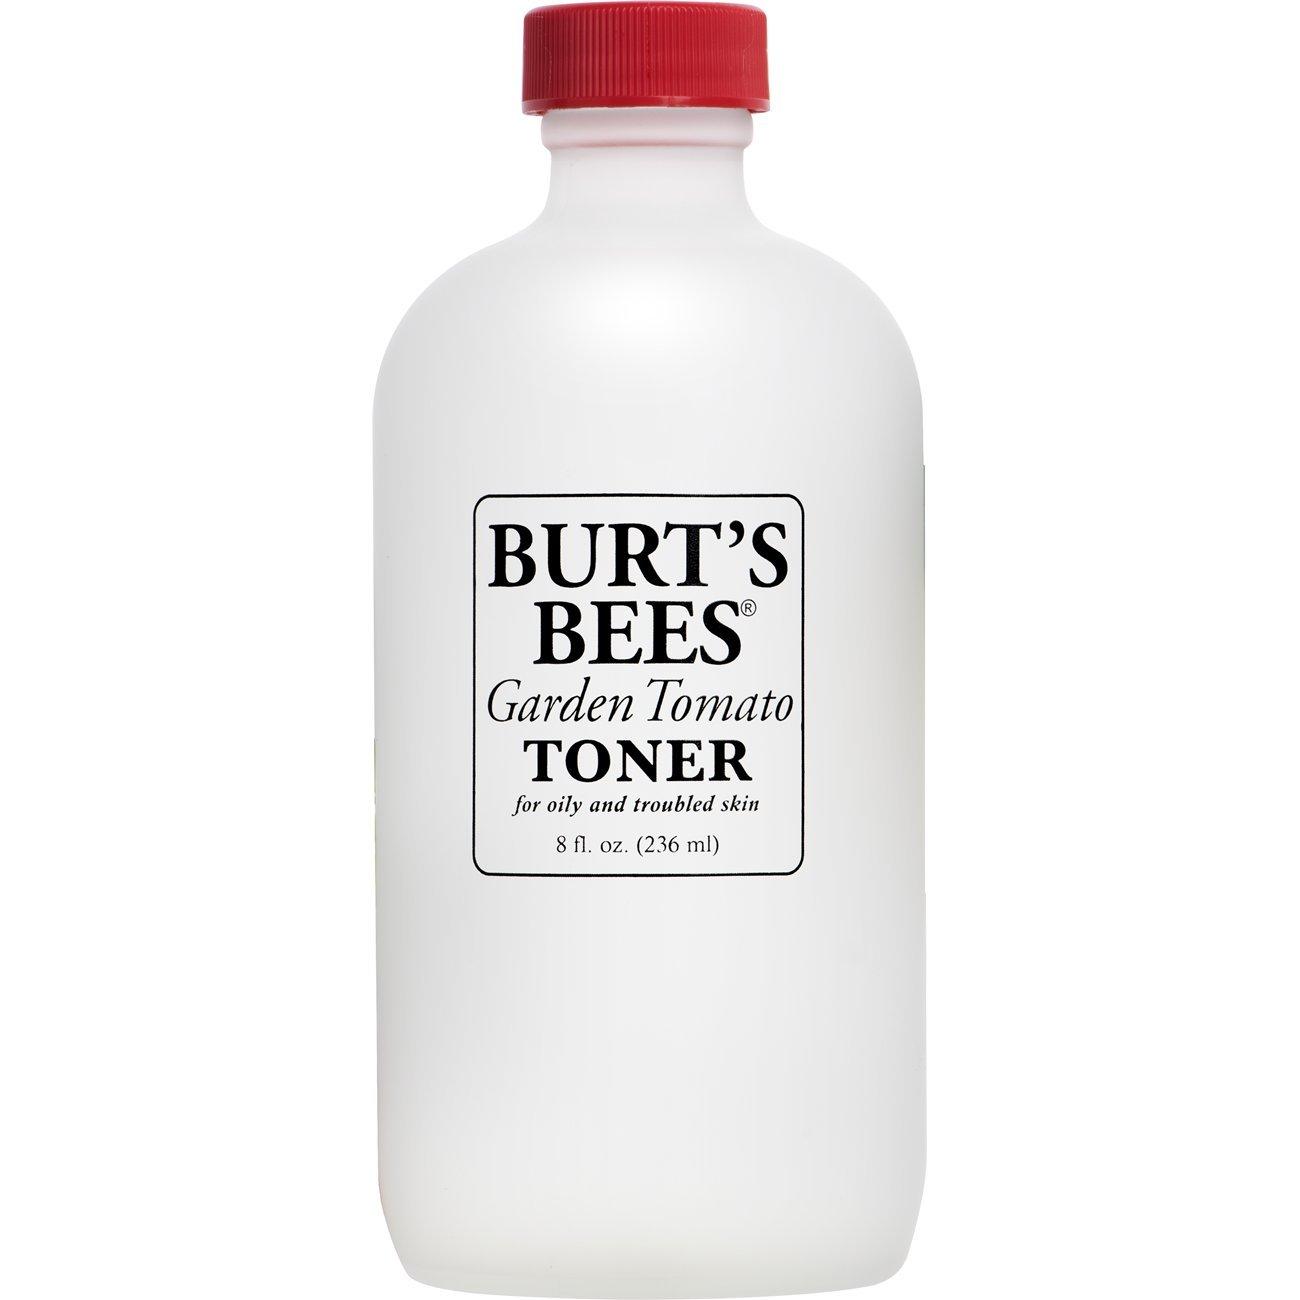 Burt's Bees Garden Tomato Toner, Skin Toner for Oily Skin, 8 Ounces